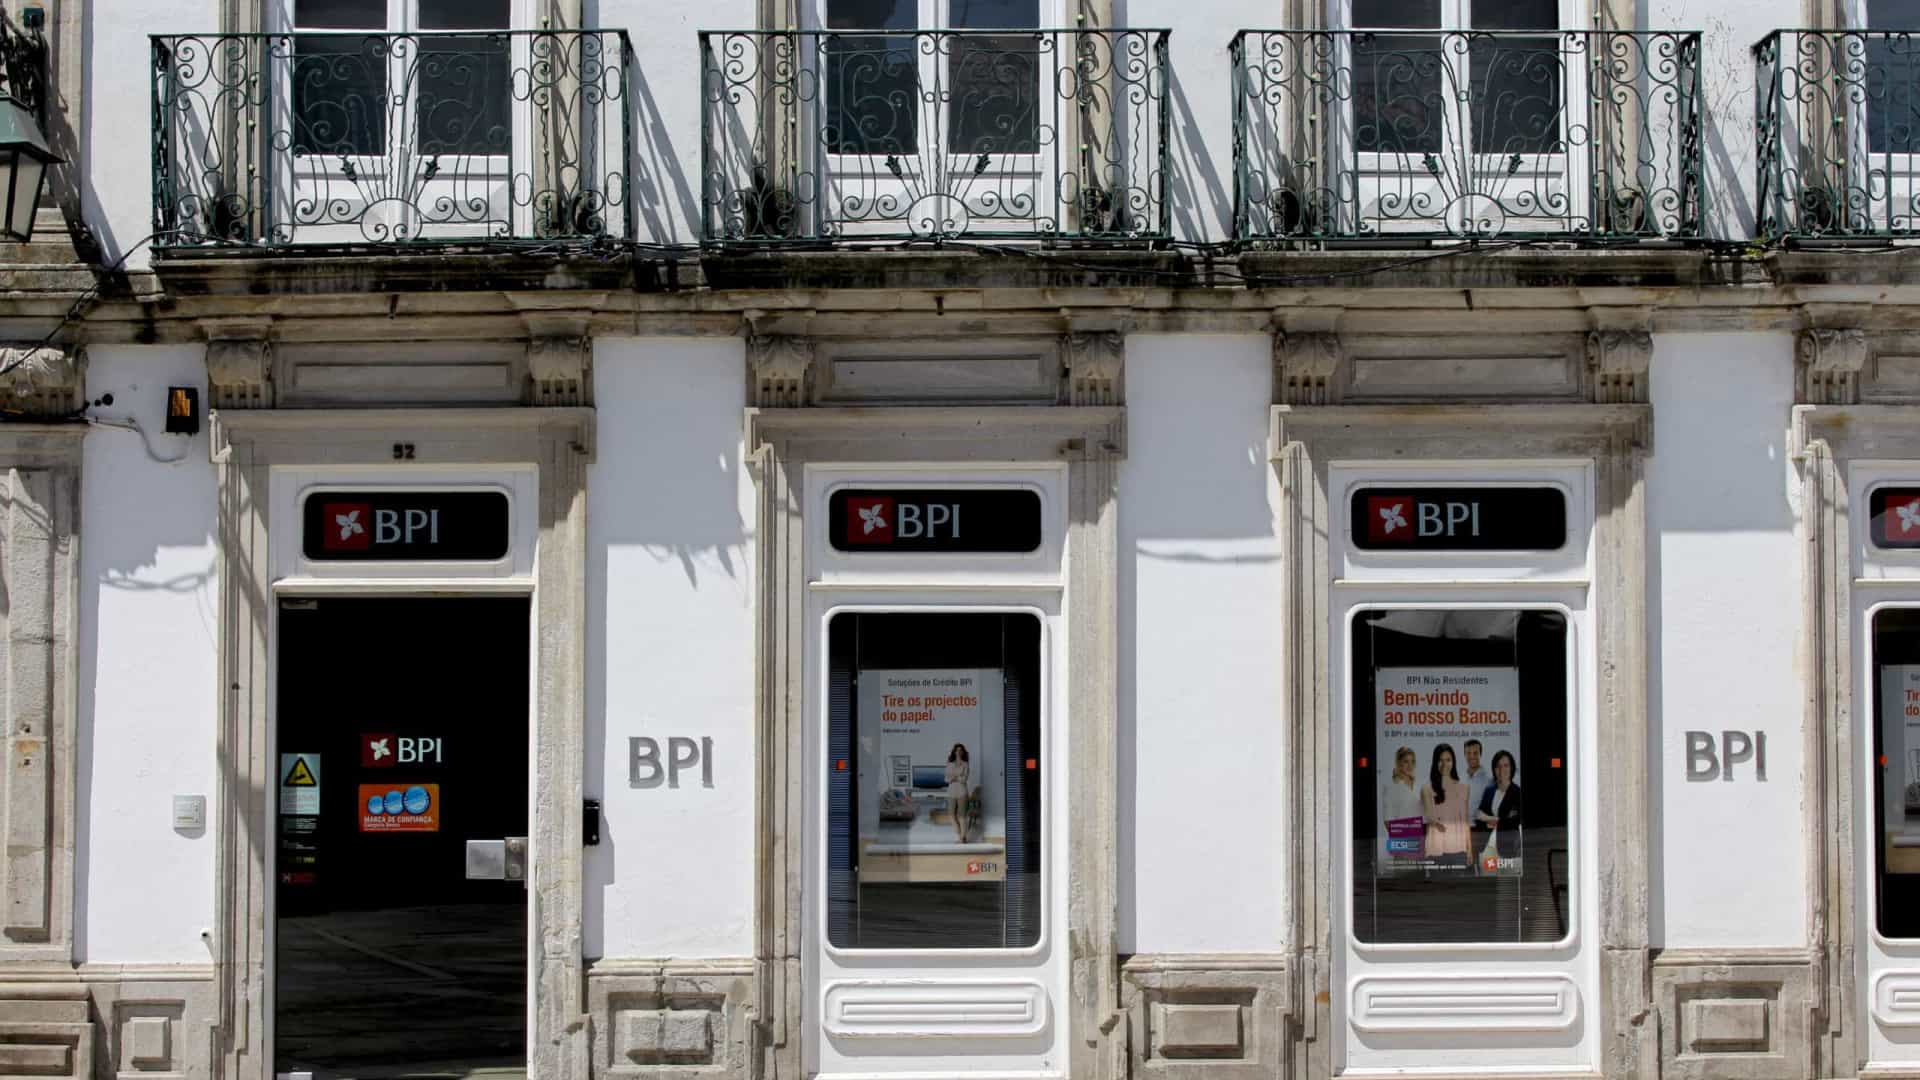 BPI realiza emissão de dívida sénior com vencimento em 2027